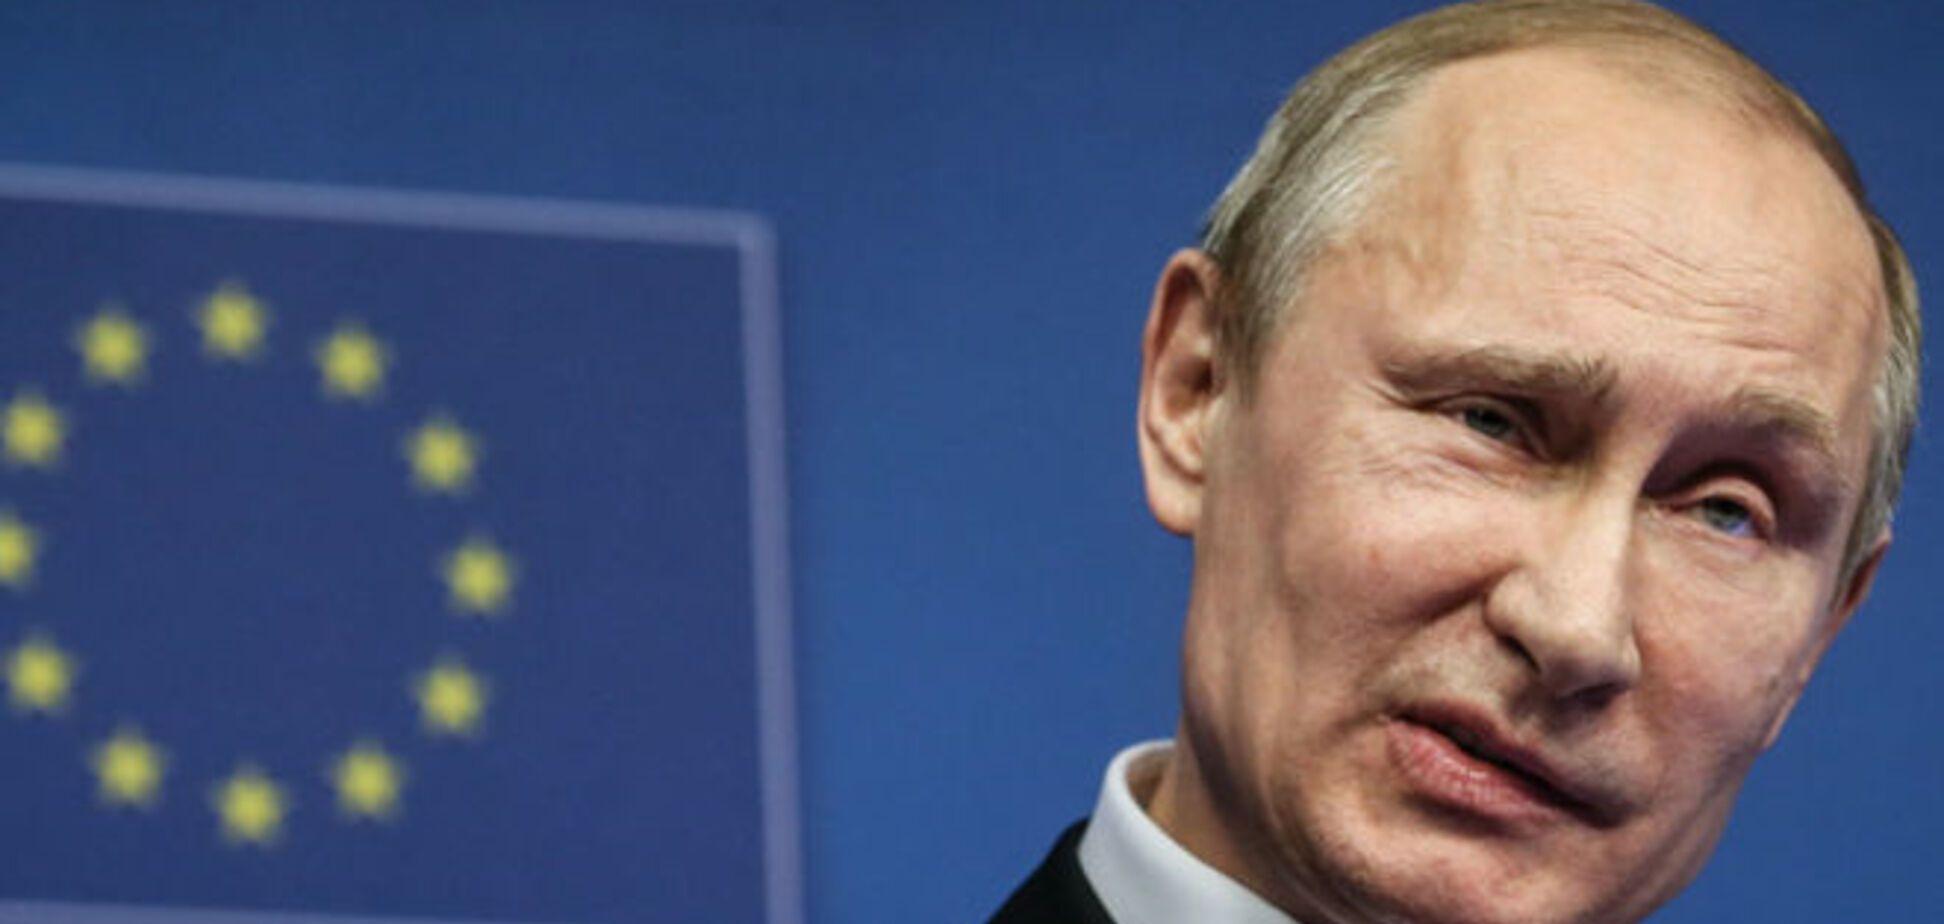 Сделка с дьяволом: Путин теряет контроль над своей войной – The New York Times